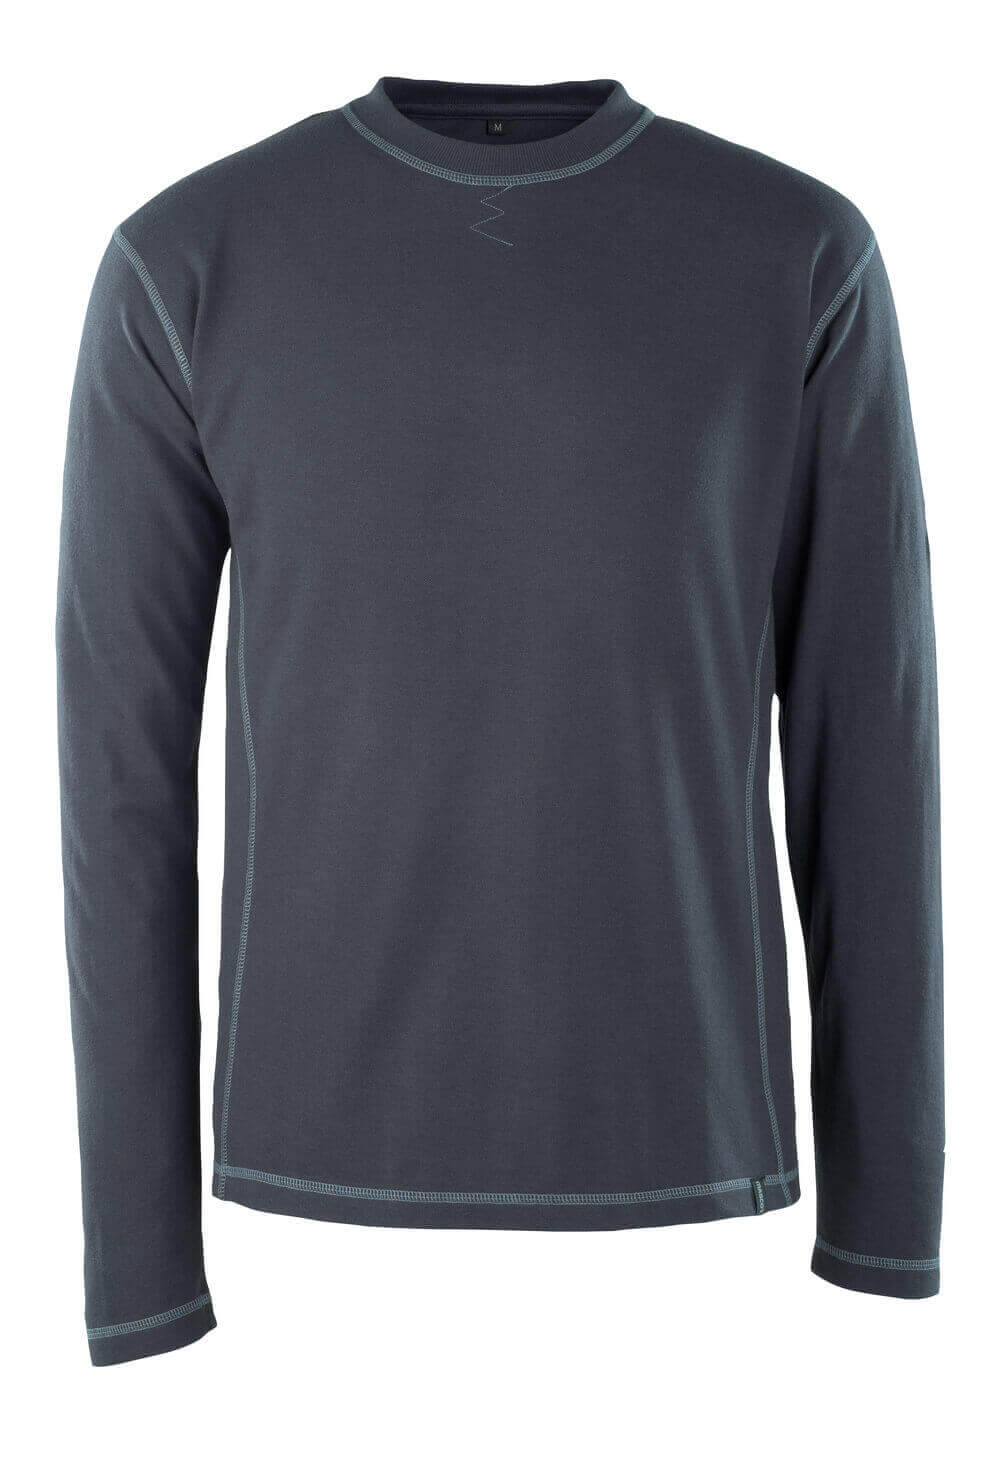 50119-927-010 T-shirt, long-sleeved - dark navy